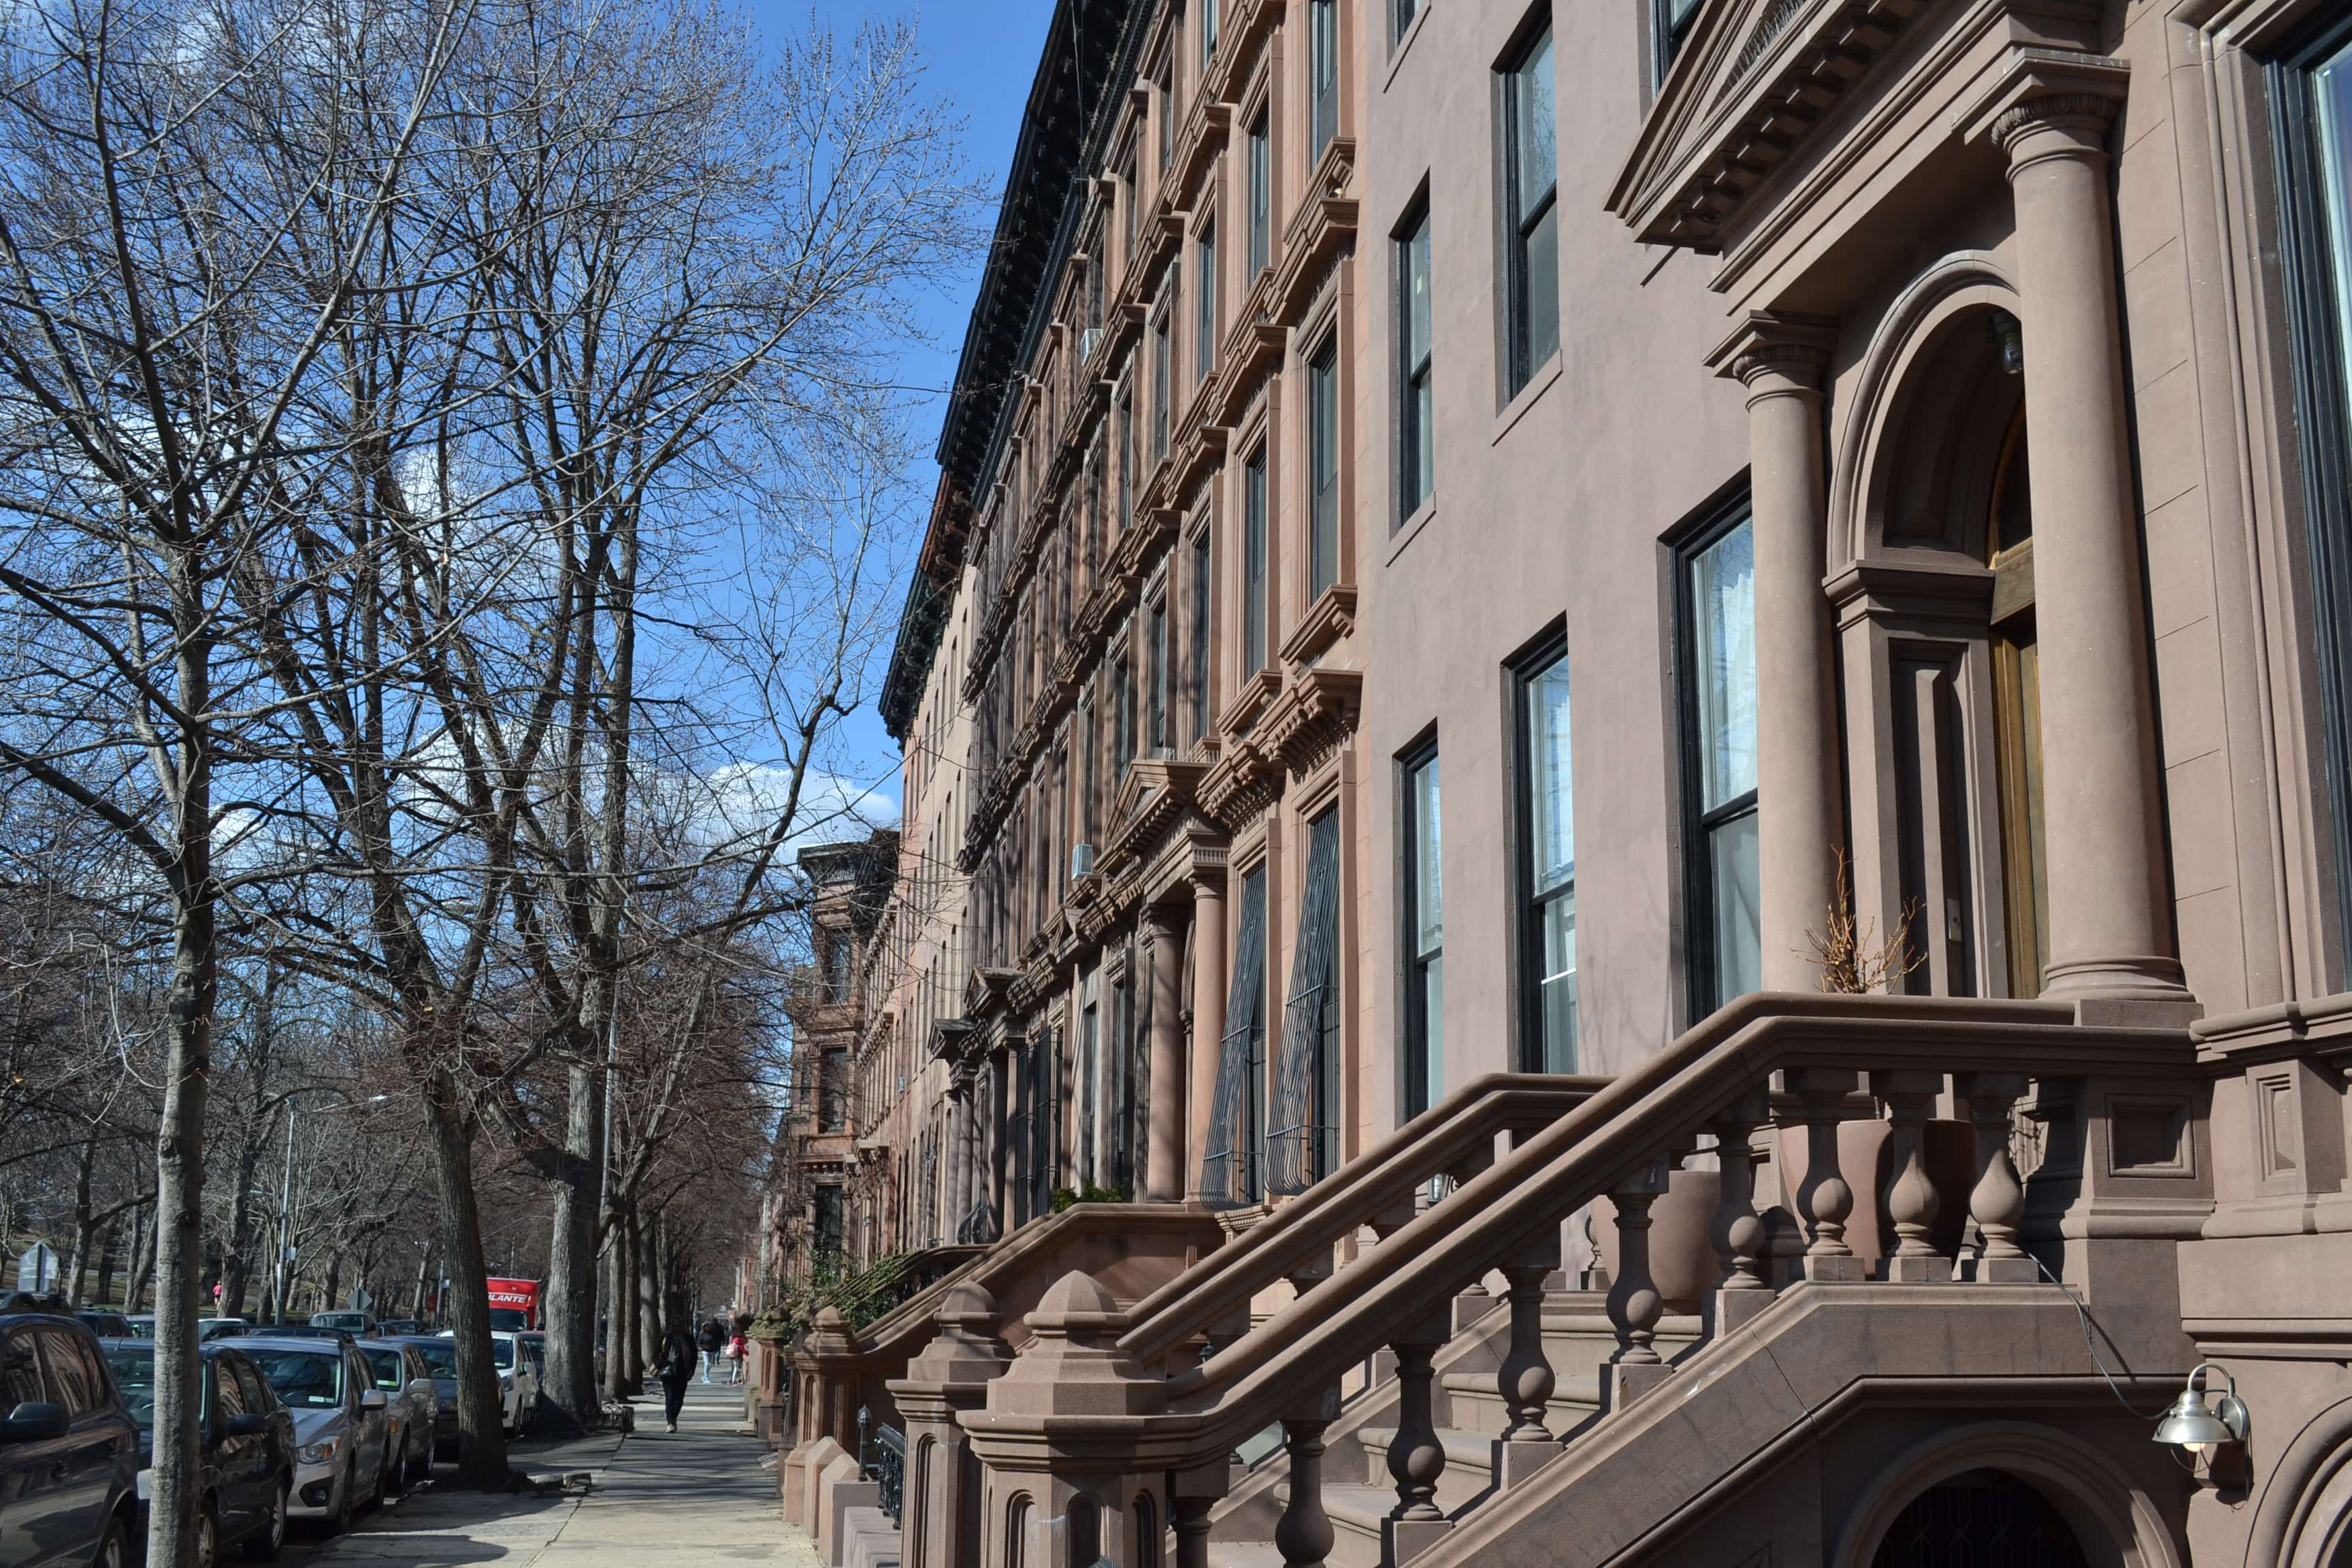 Brooklyn Suites Bedford-Stuyvesant Neighborhood – Dekalb Ave